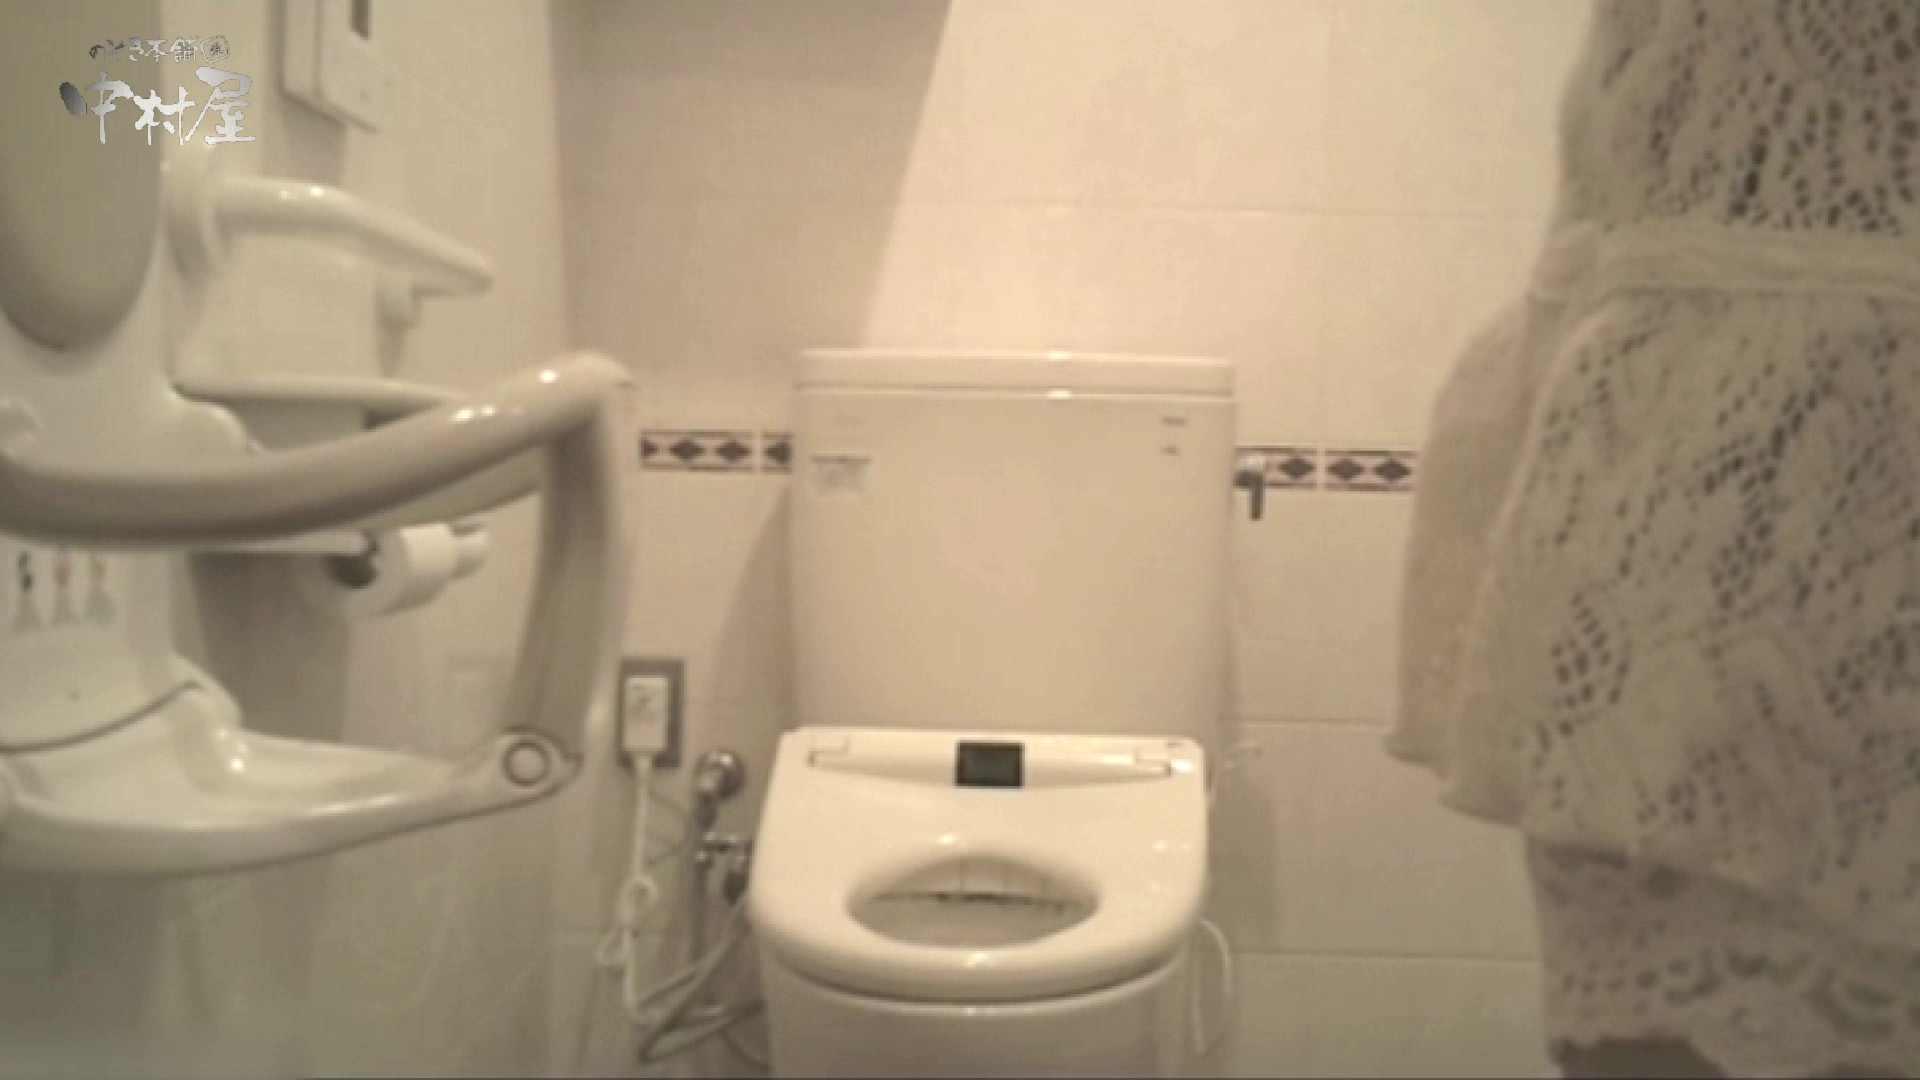 ティーンガールのトイレ覗き‼vol.19 超エロお姉さん オマンコ動画キャプチャ 112枚 25